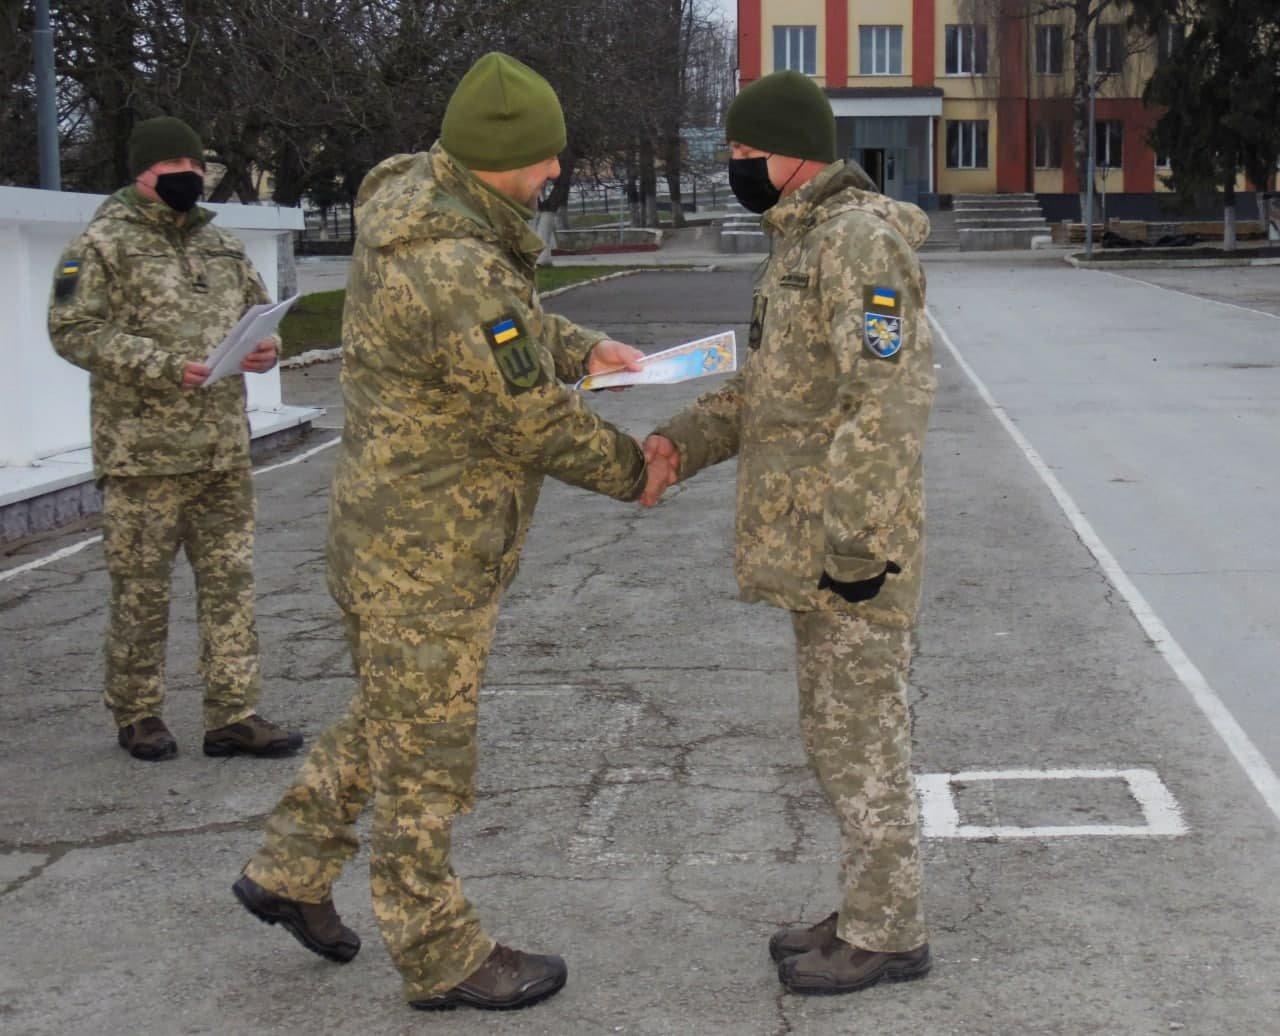 Урочисте шикування з нагоди Дня Збройних Сил України